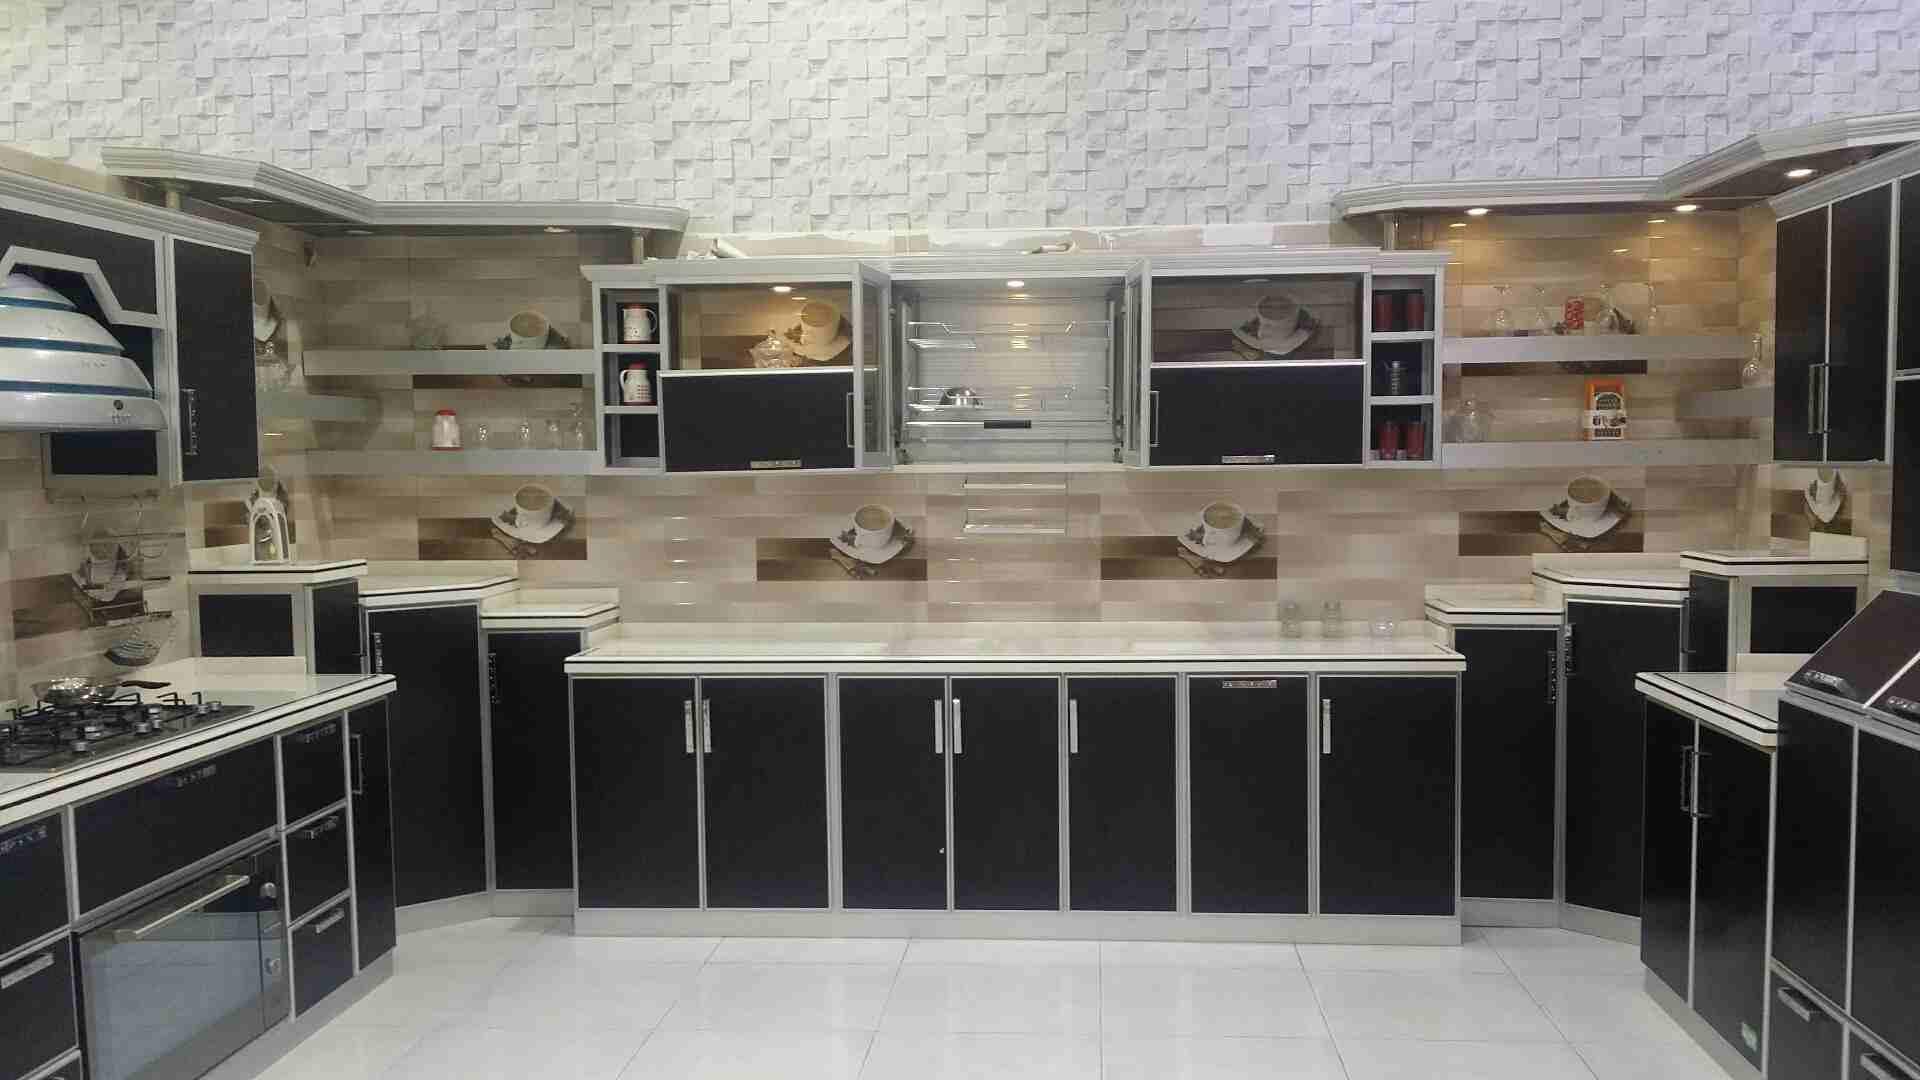 عرض خاص مطبخ جديد للبيع بحائل...